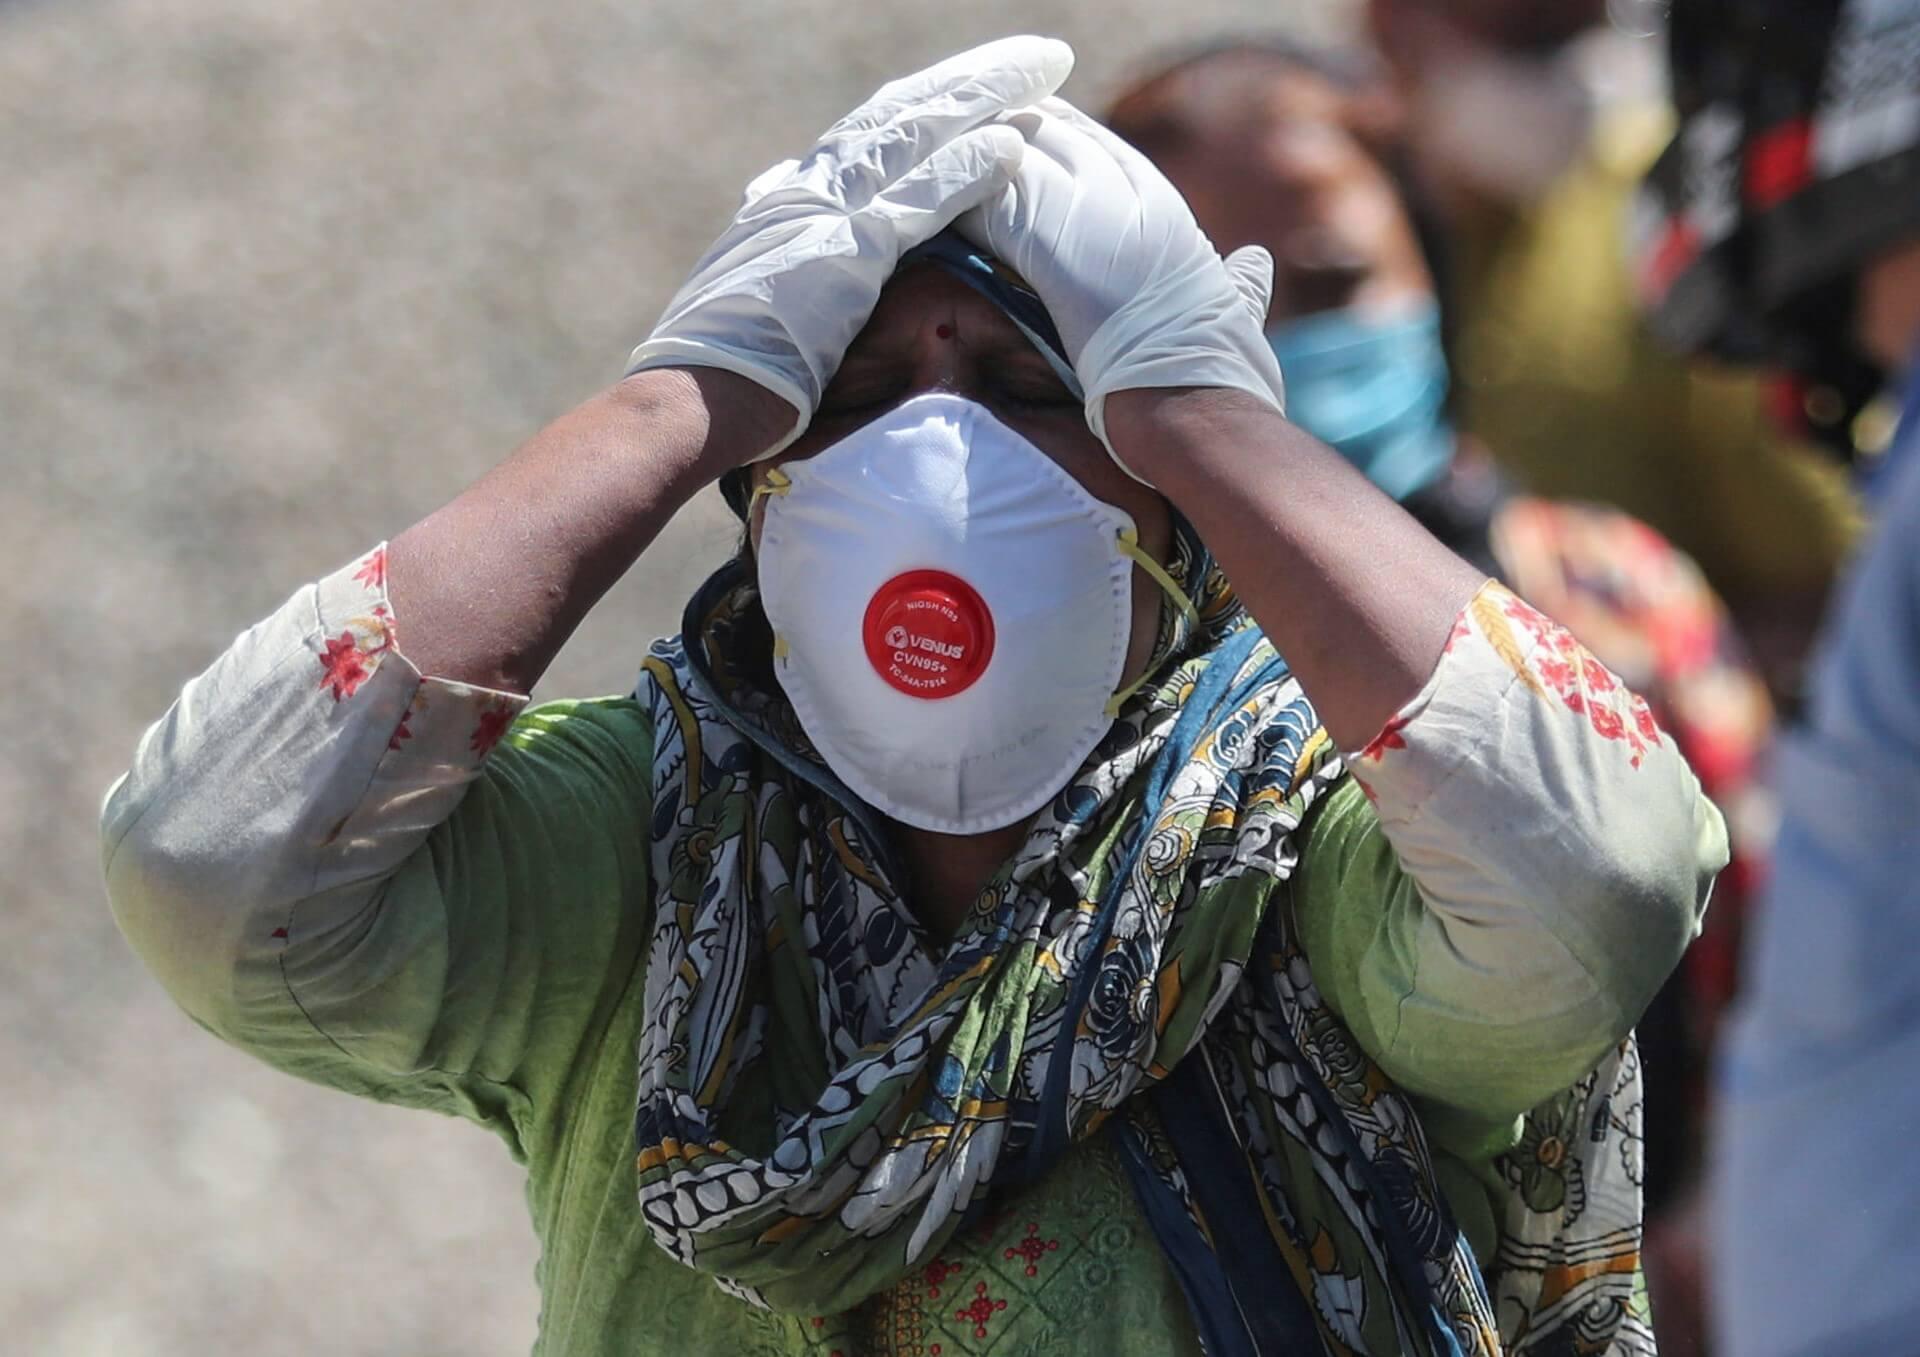 Inde/Covid. Face au tsunami épidémique, les ONG d'Alliance Urgences se mobilisent